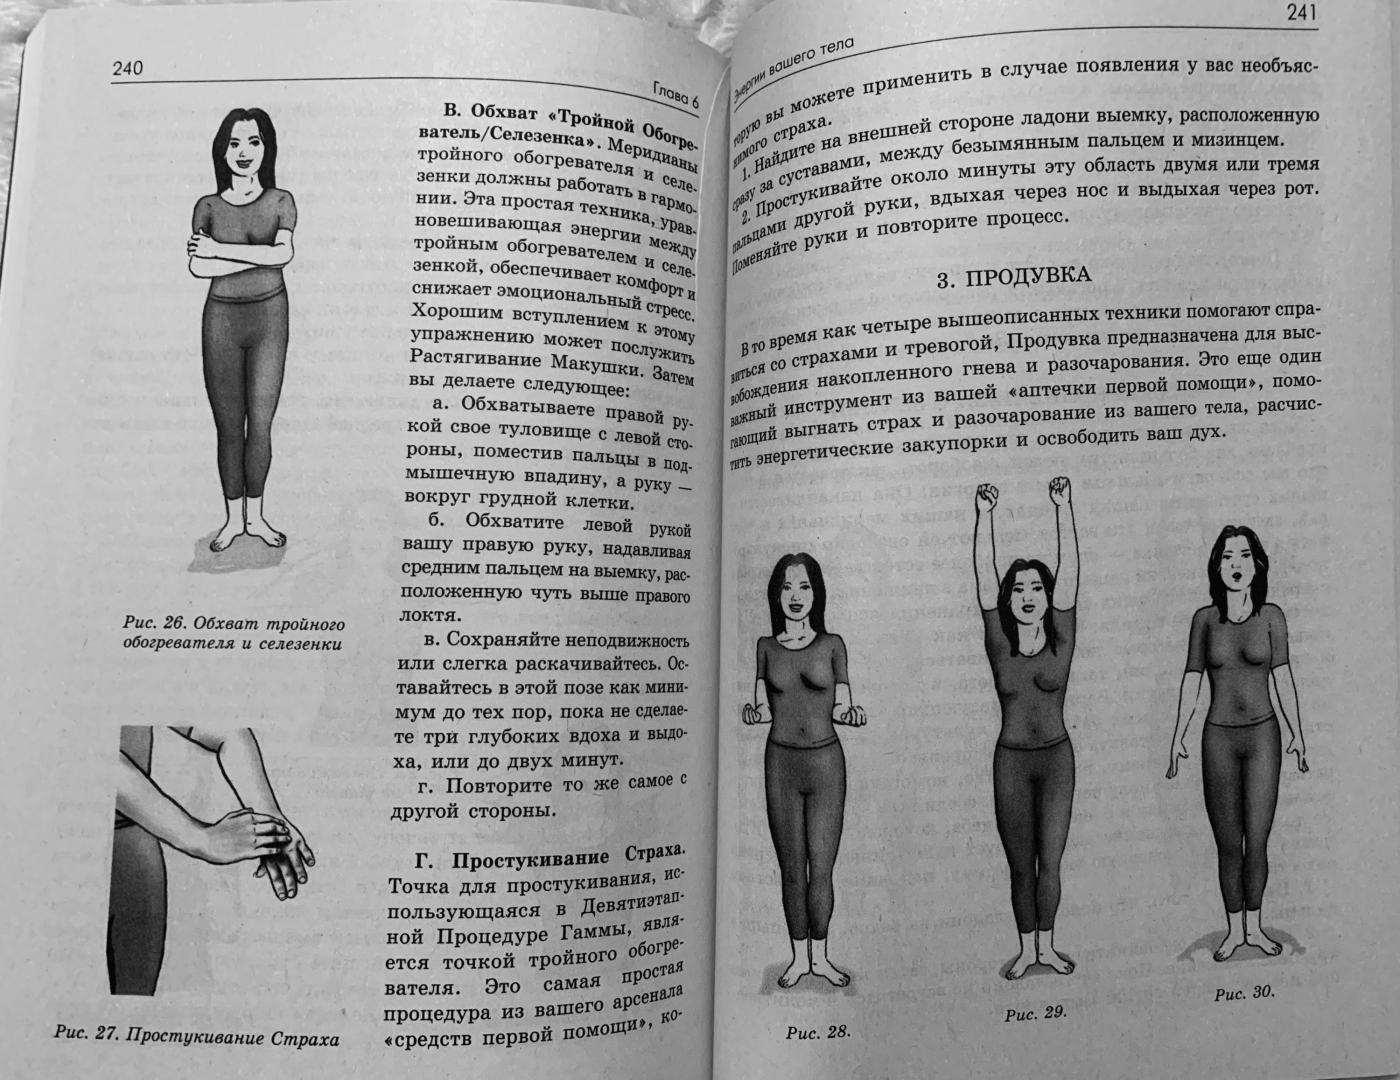 Иллюстрация 14 из 19 для Энергетическая психология. Уникальные методики трансформации личности - Иден, Файнштейн, Крэйг | Лабиринт - книги. Источник: Розочка